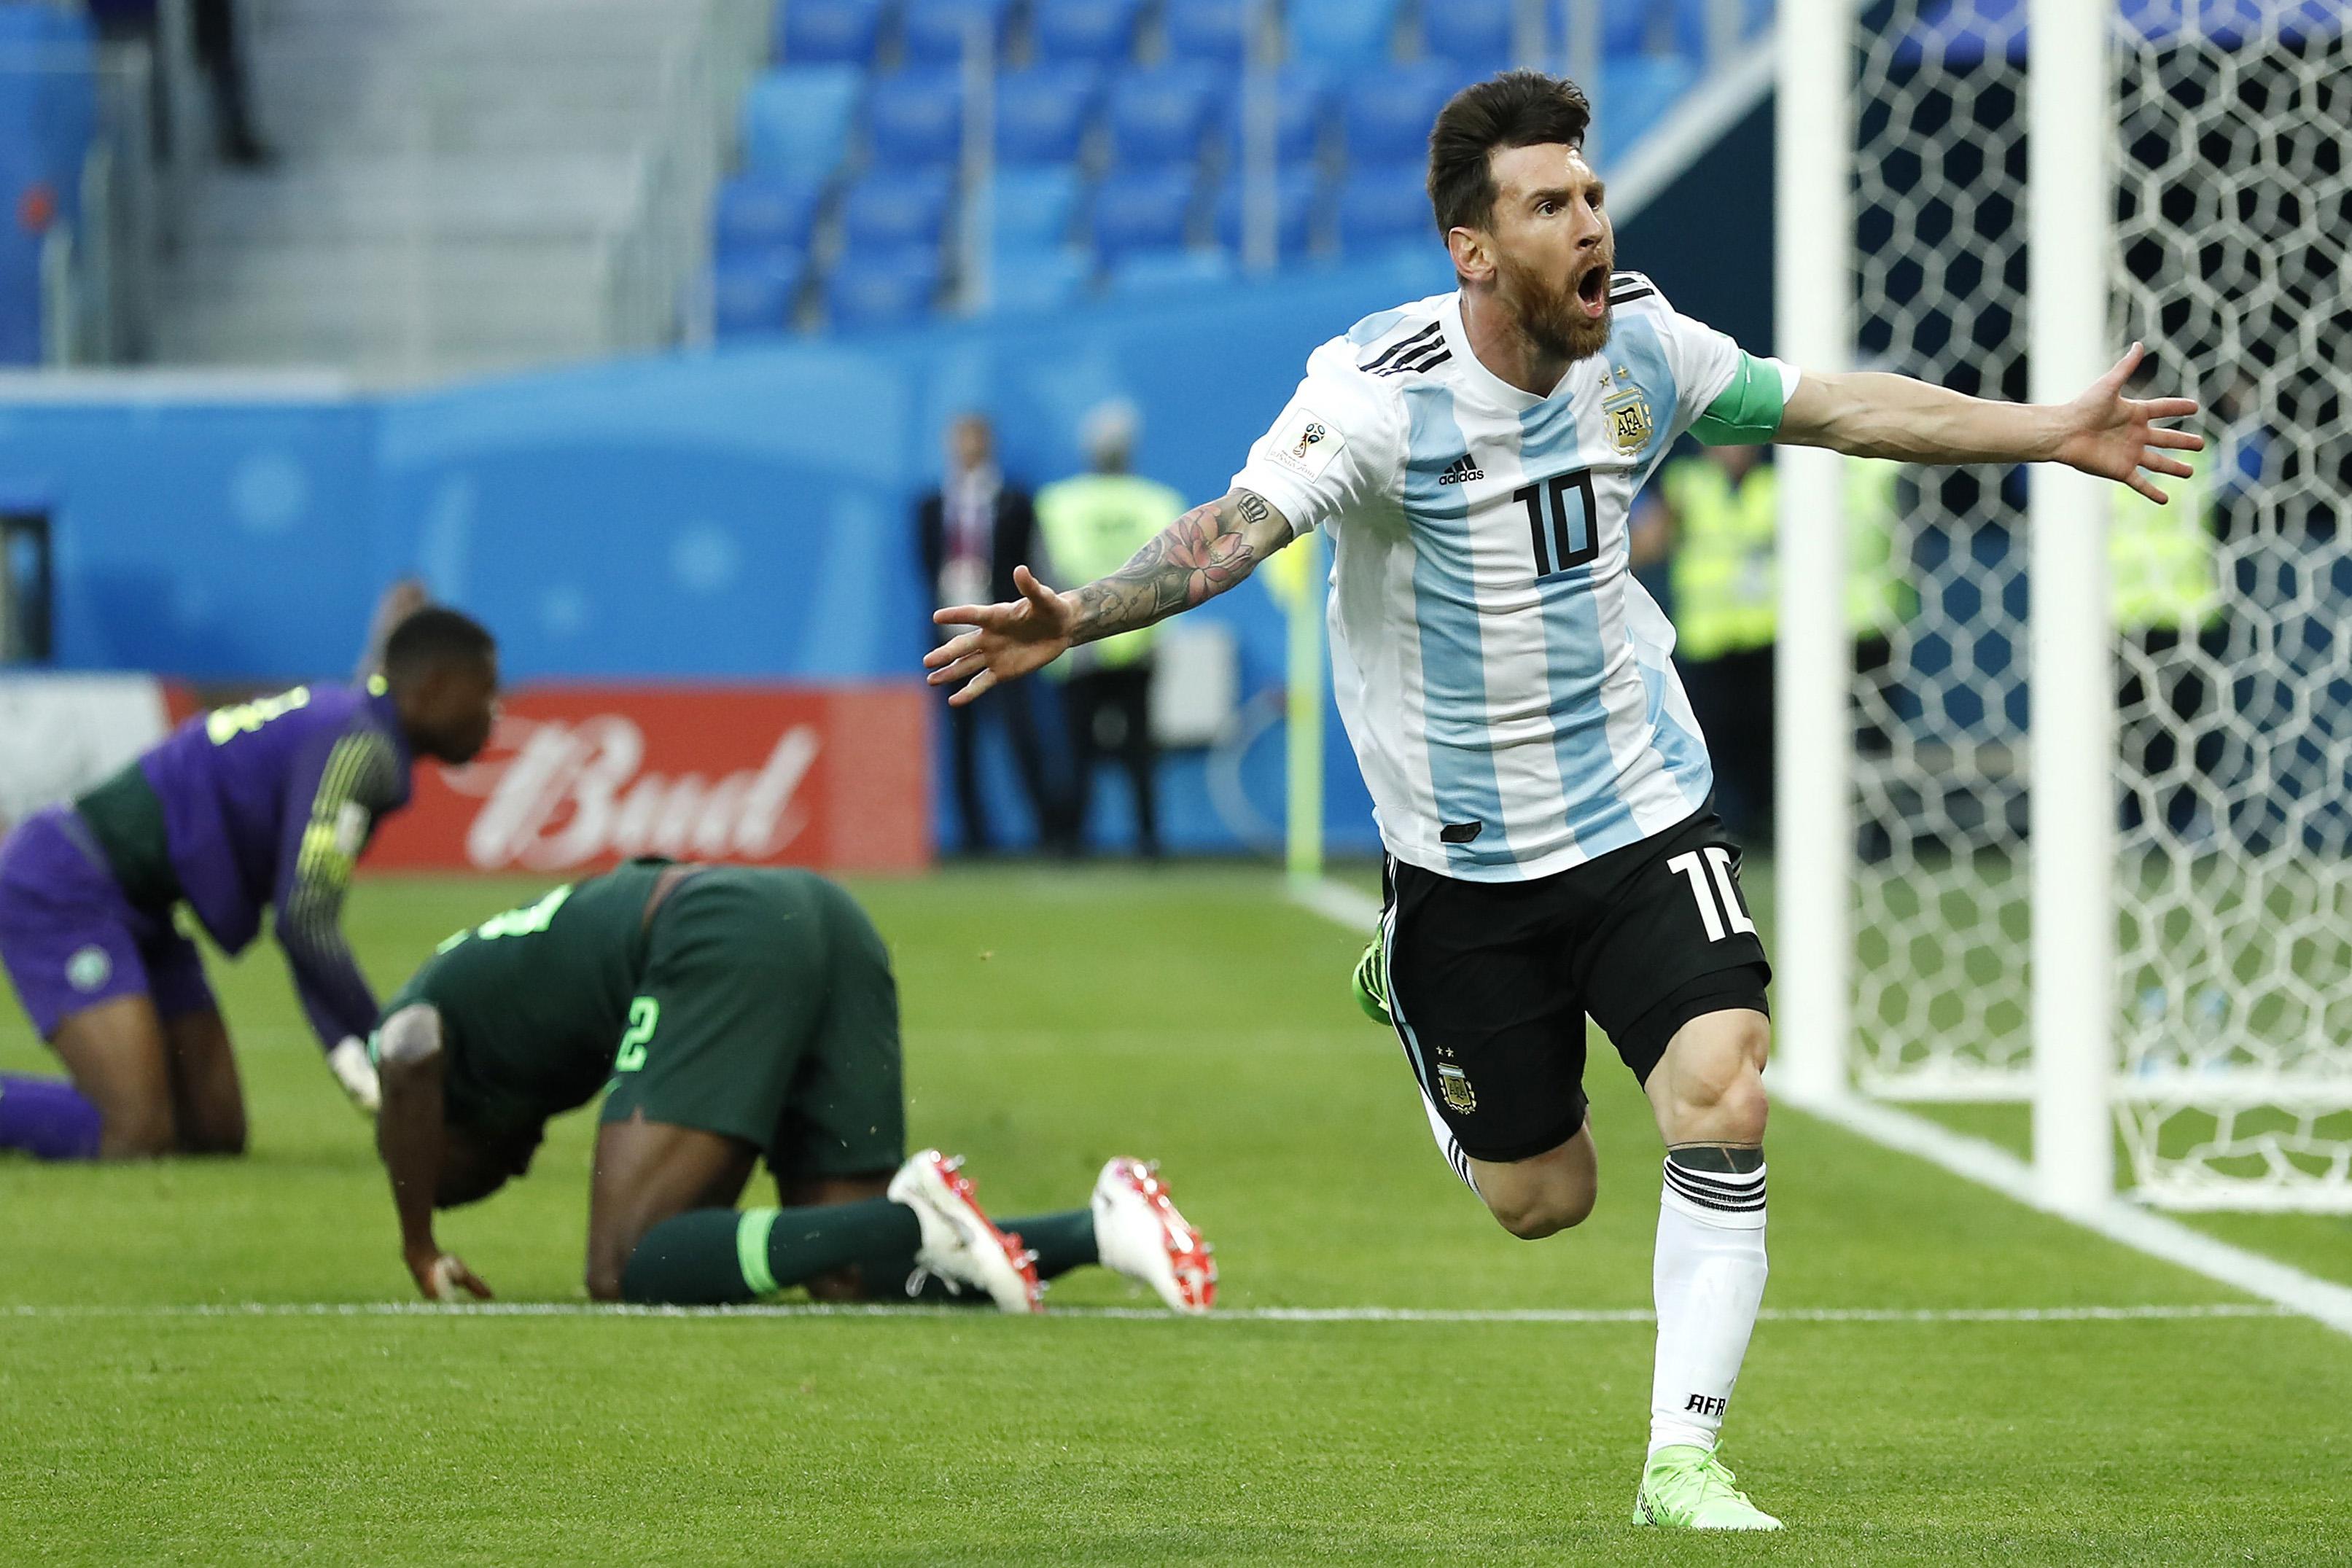 VIDEOS |Argentina estuvo a 5 minutos de la eliminación y celebró triunfo ante Nigeria como final de Mundial